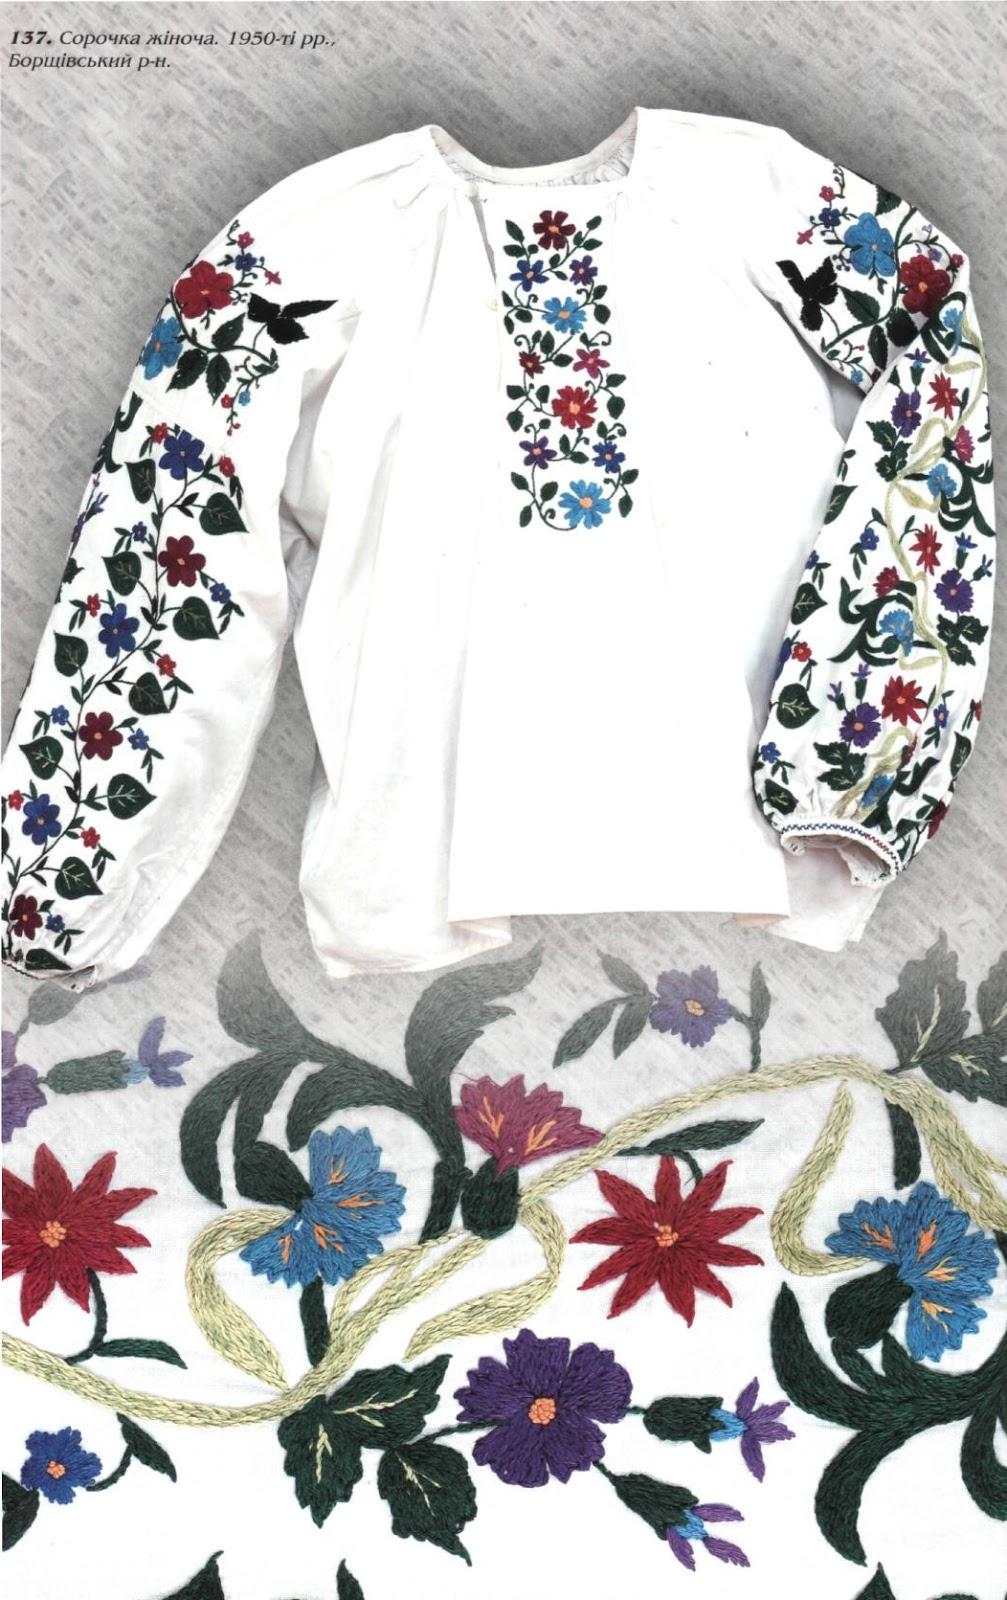 Дослідниця борщівської сорочки за власні кошти зібрала велику колекцію  унікальних вишитих святкових жіночих та чоловічих сорочок чи не з кожного  села ... e5e19a84aae92